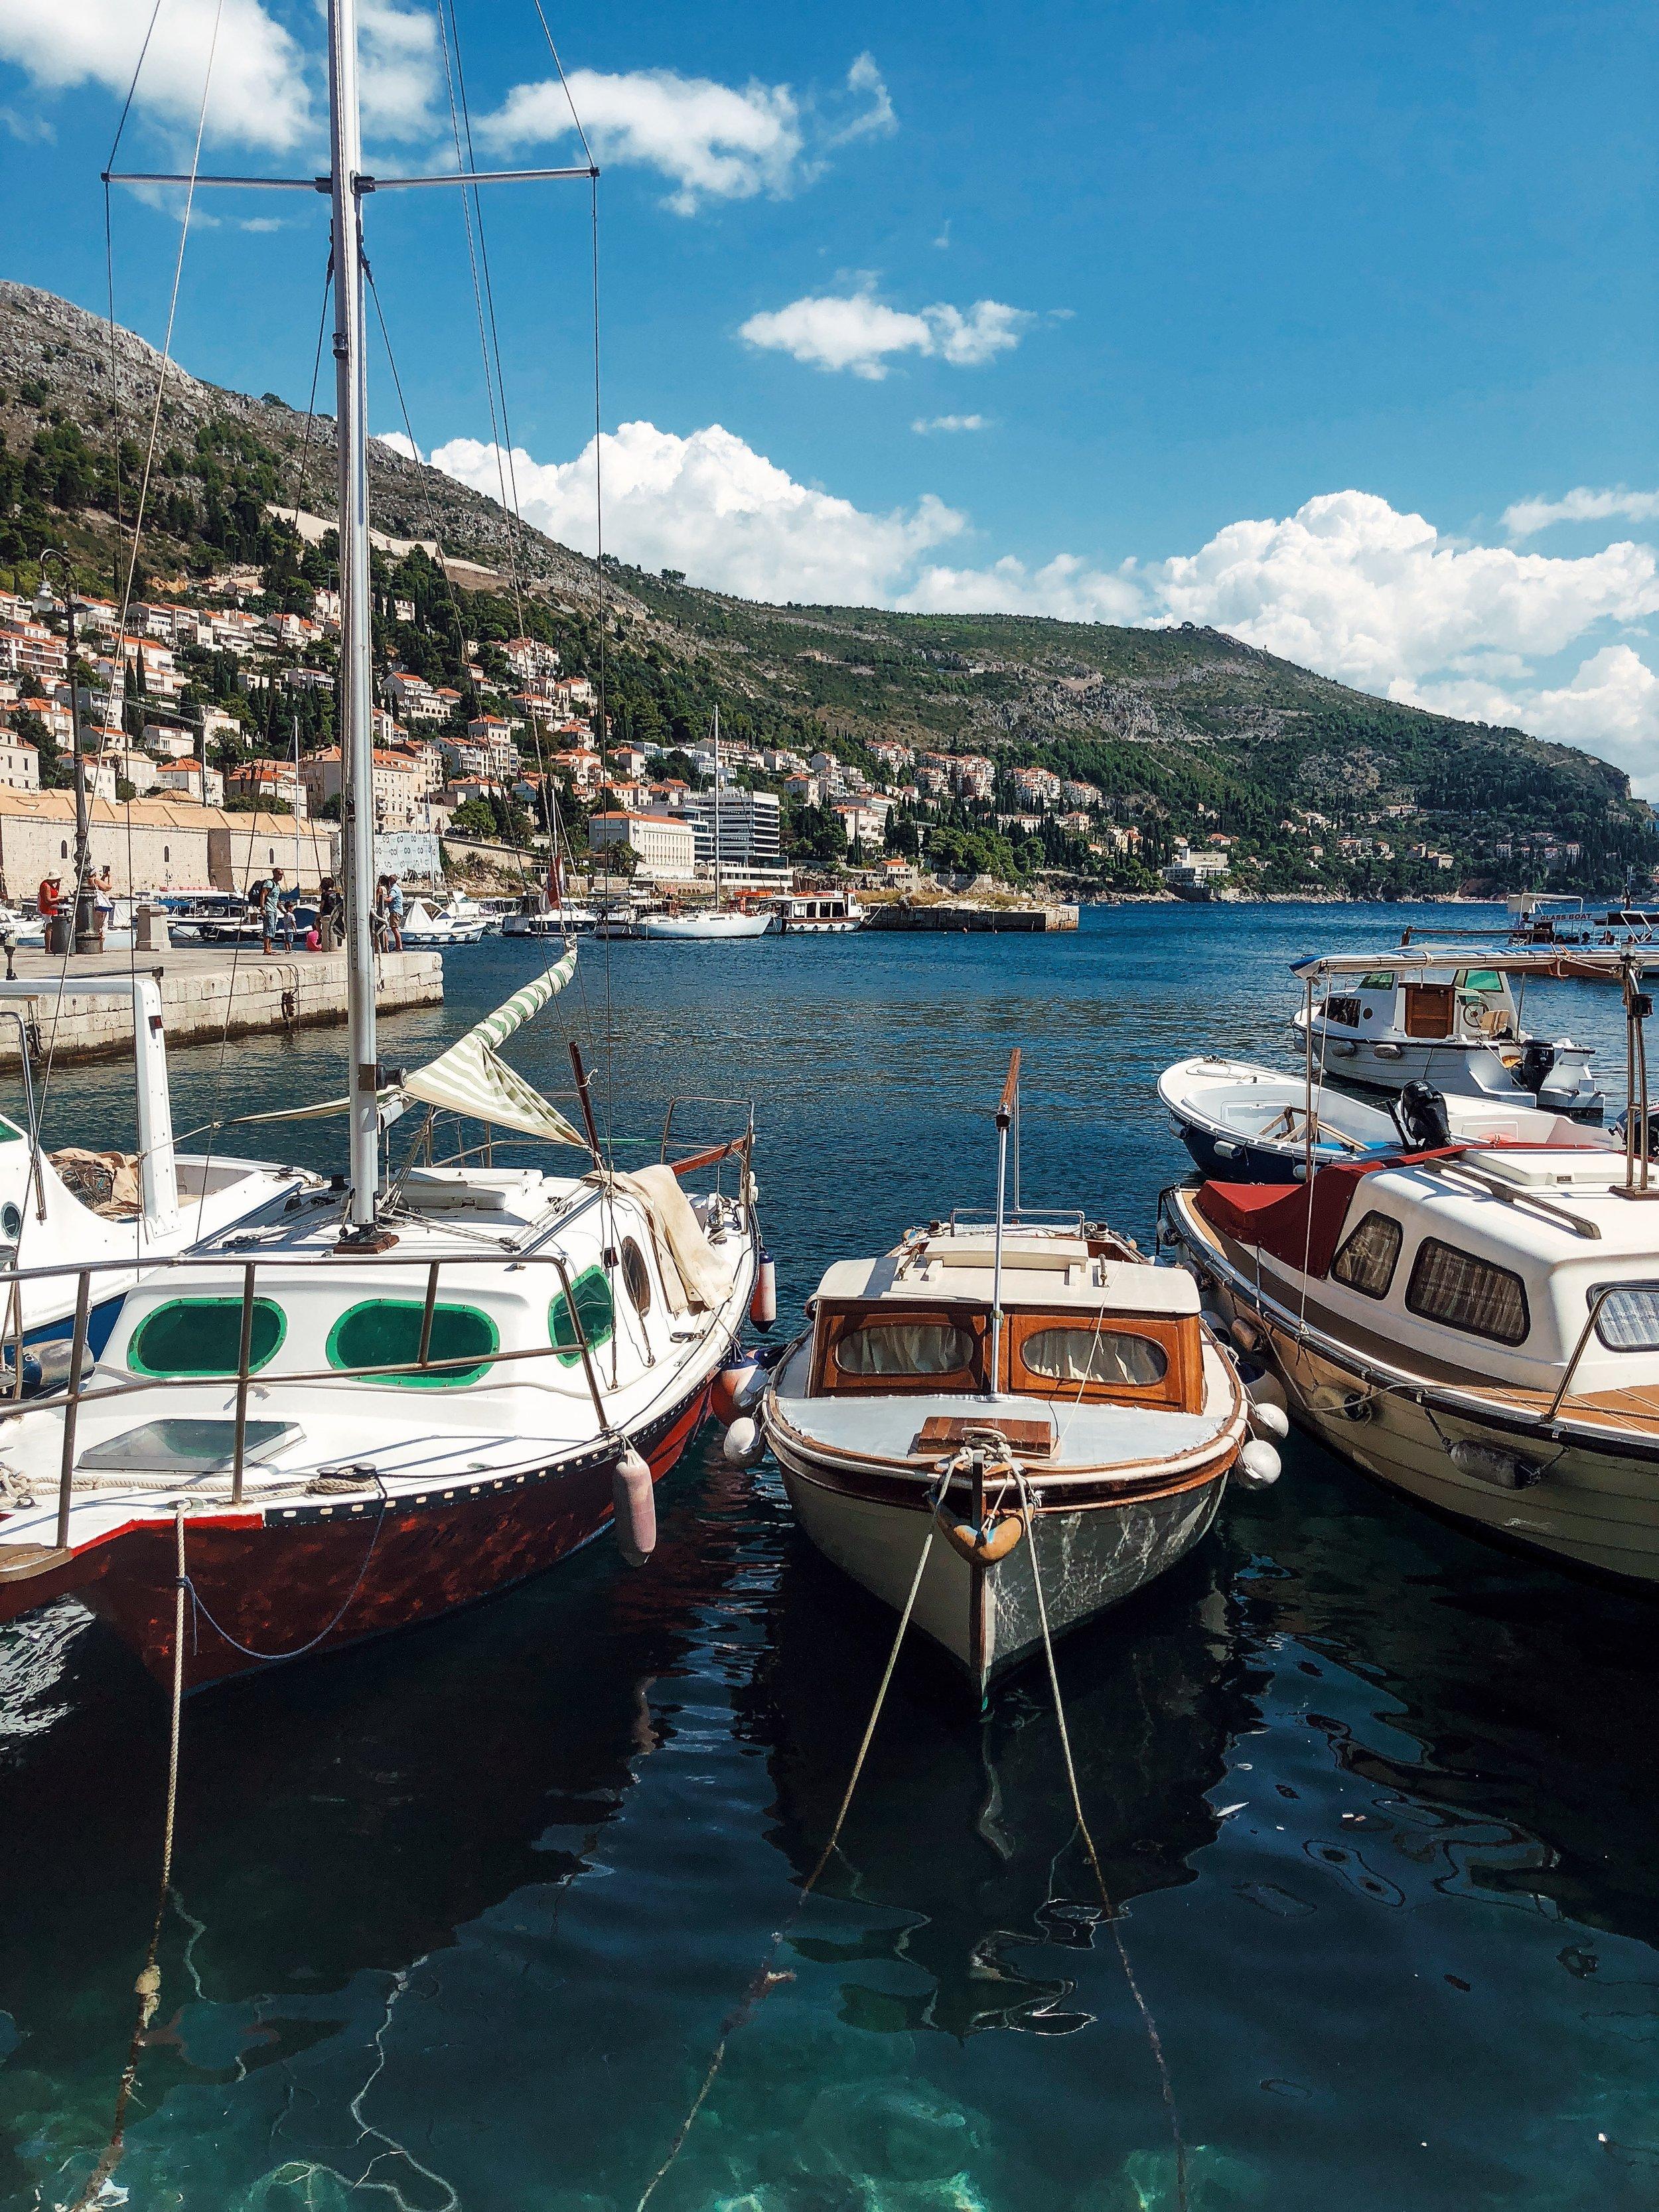 hvar port boats.JPG